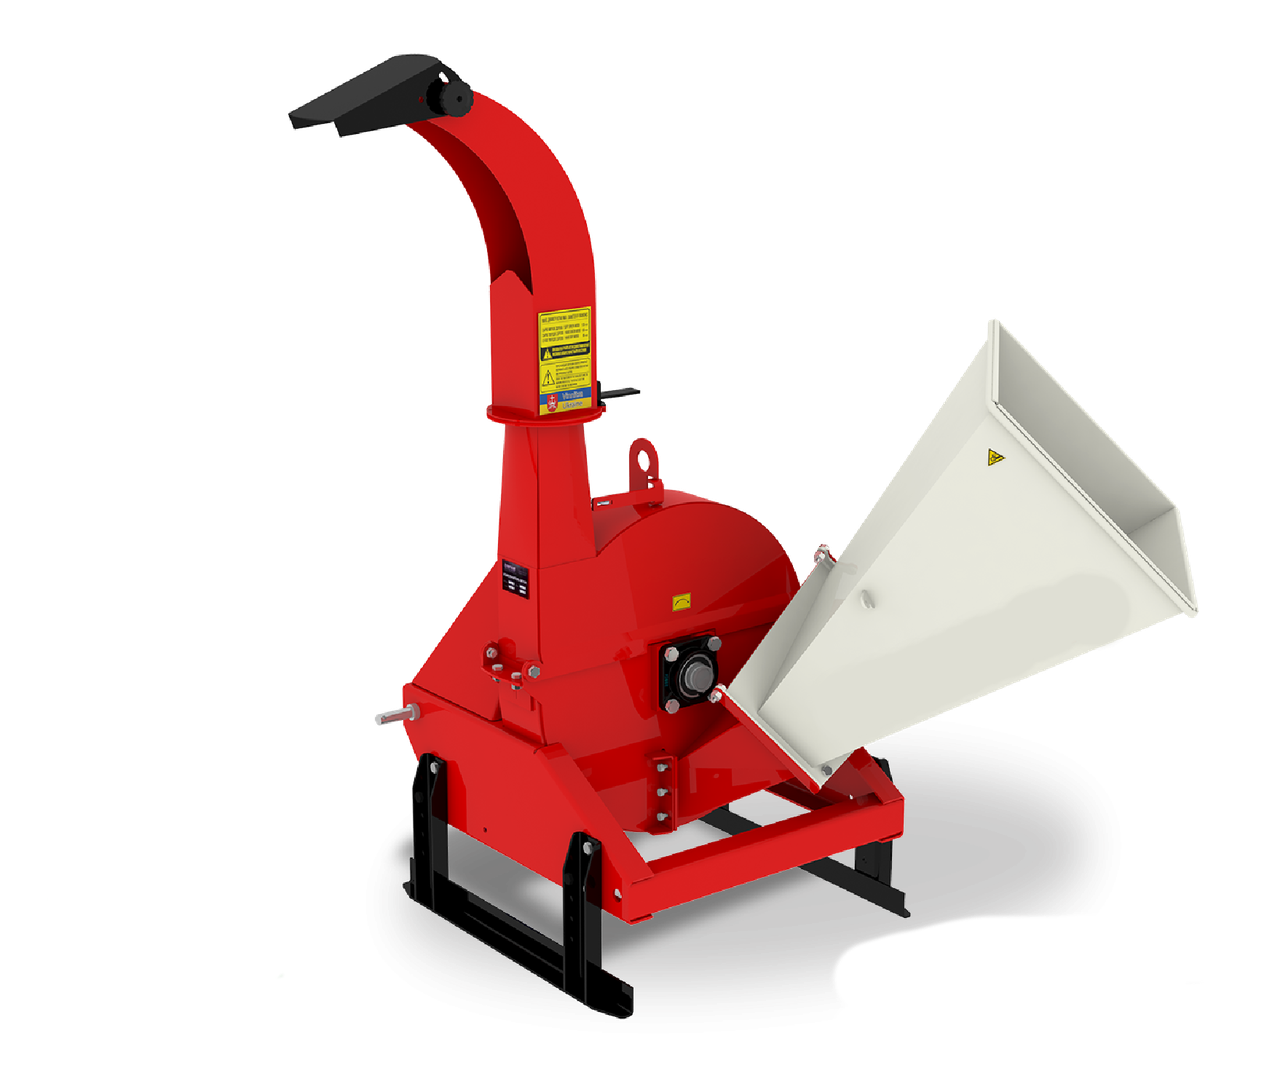 Подрібнювач гілок Arpal МК-120ТР для трактора (діаметр гілок 120 мм)